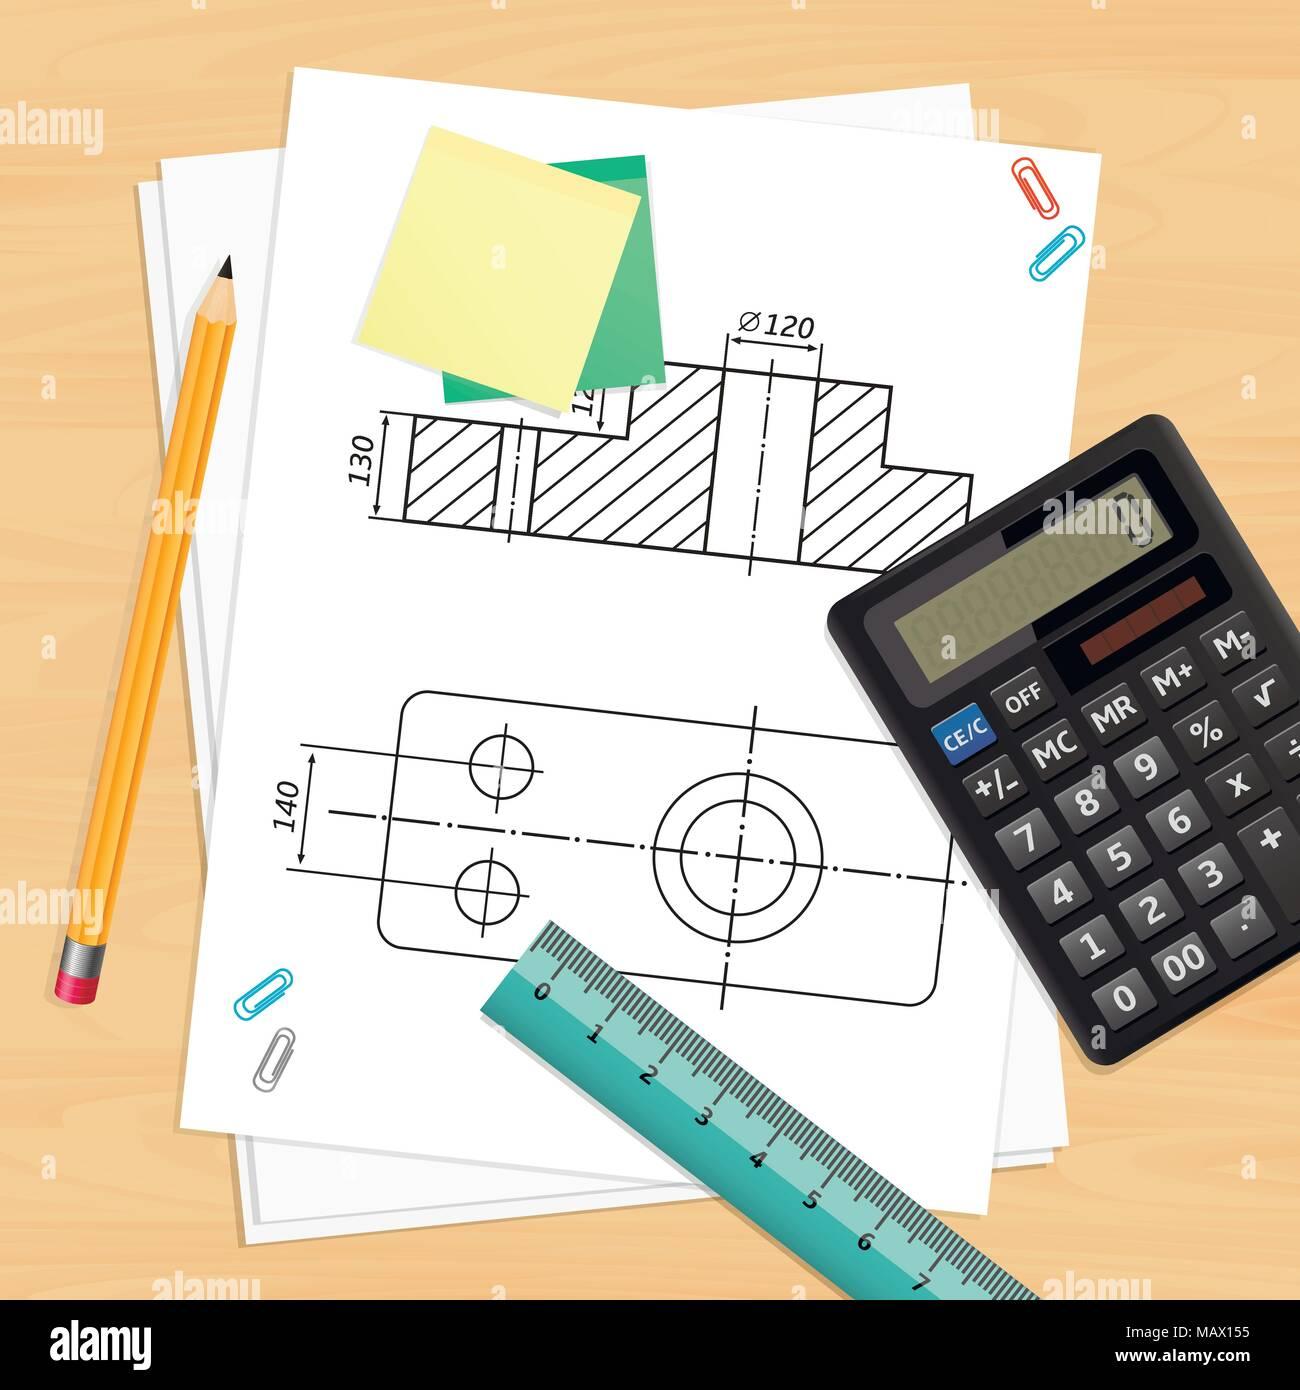 Travail ingénieur avec des outils et techniques Dessin Illustration de Vecteur